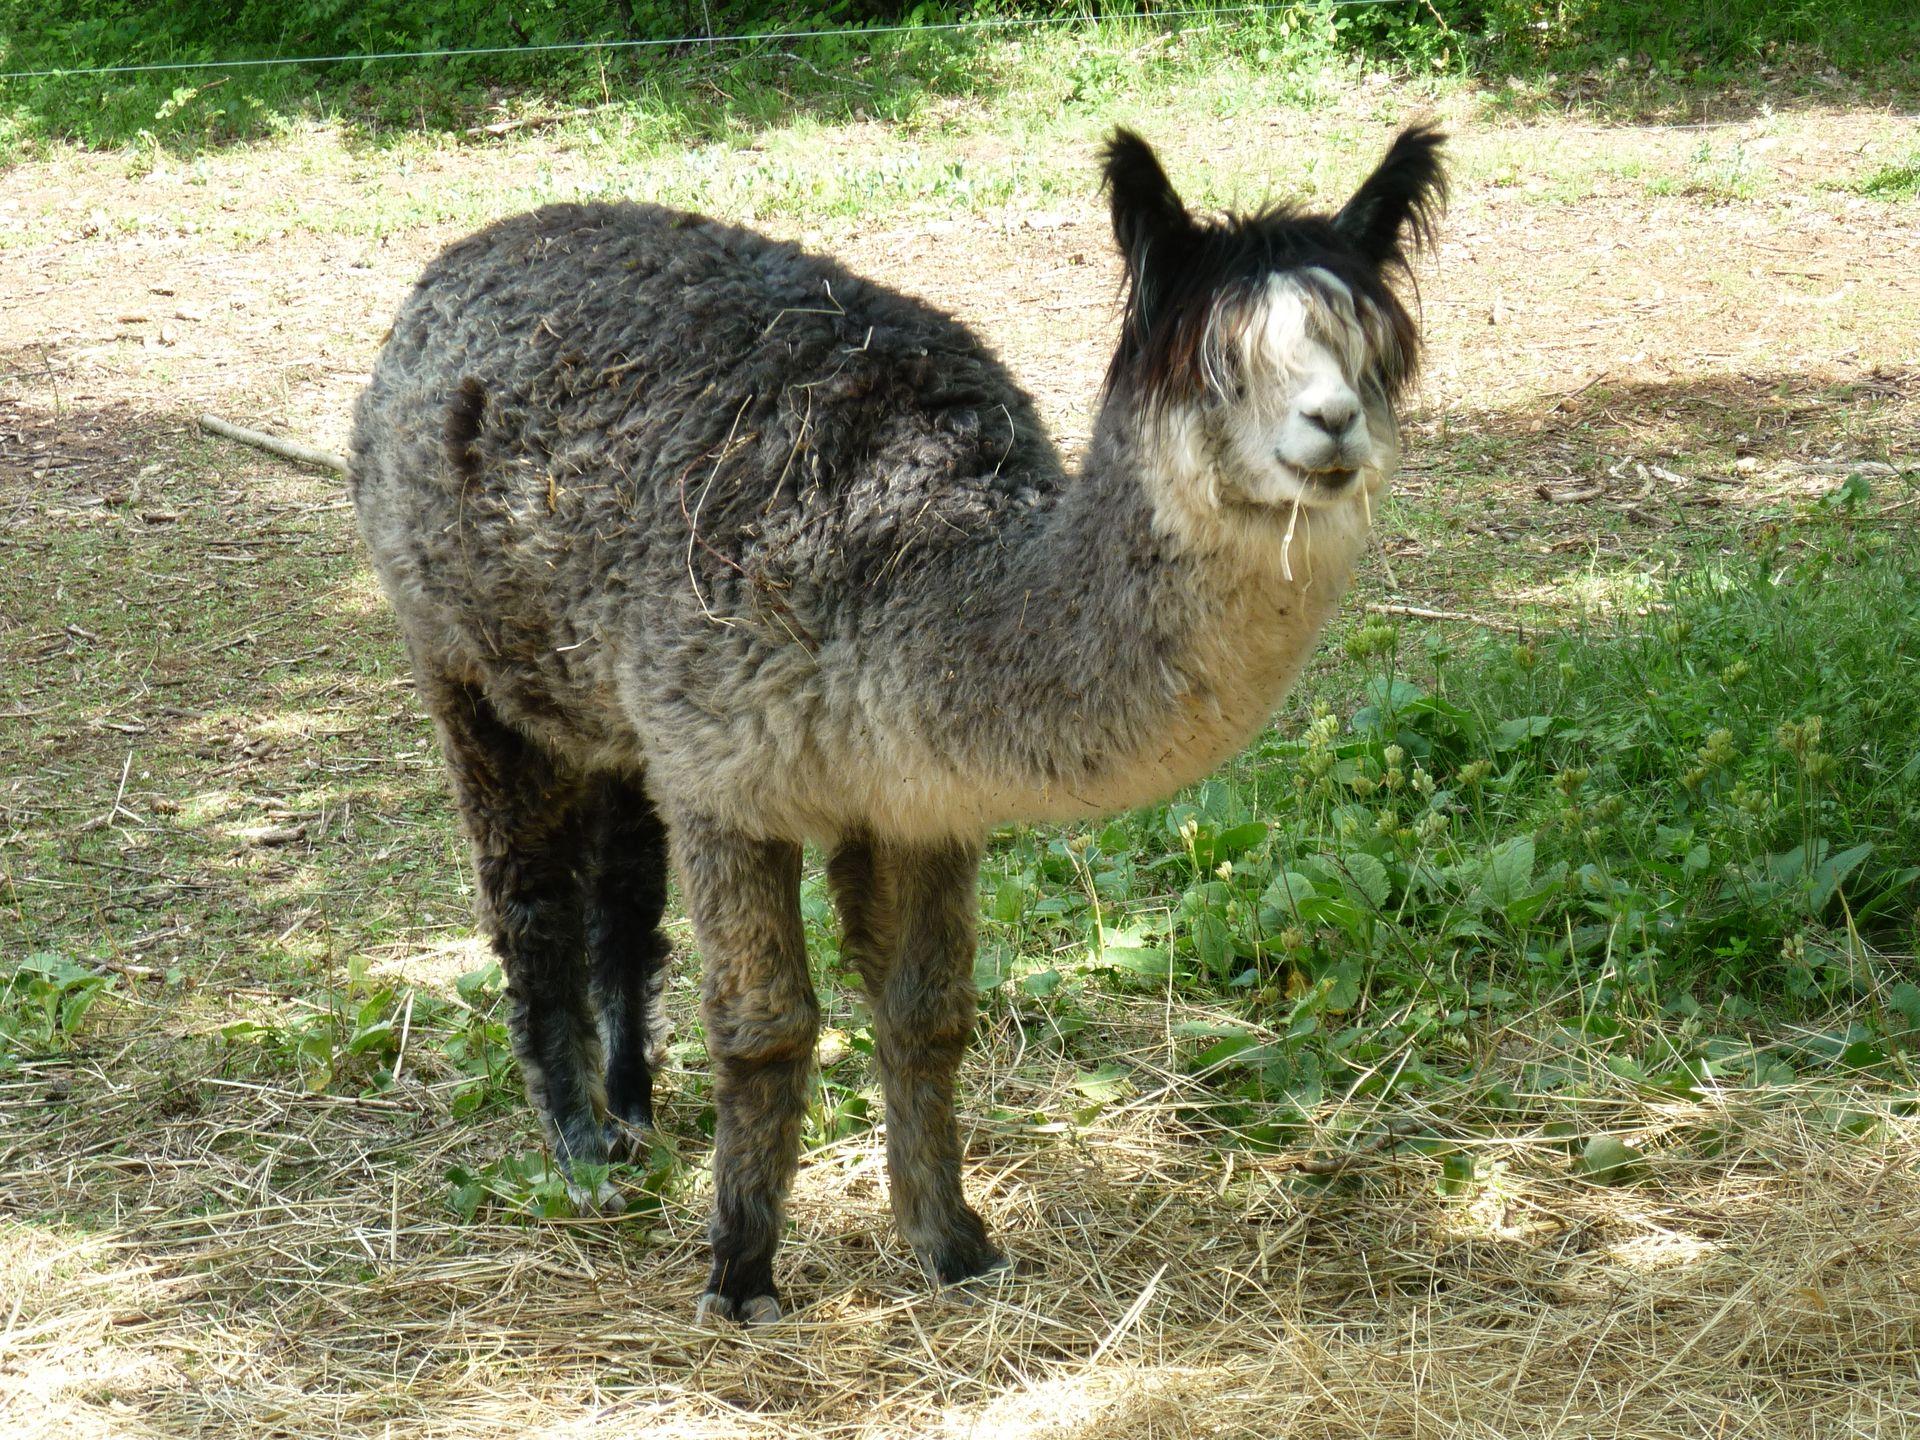 Lama au Parc animalier du Theil au Caylar